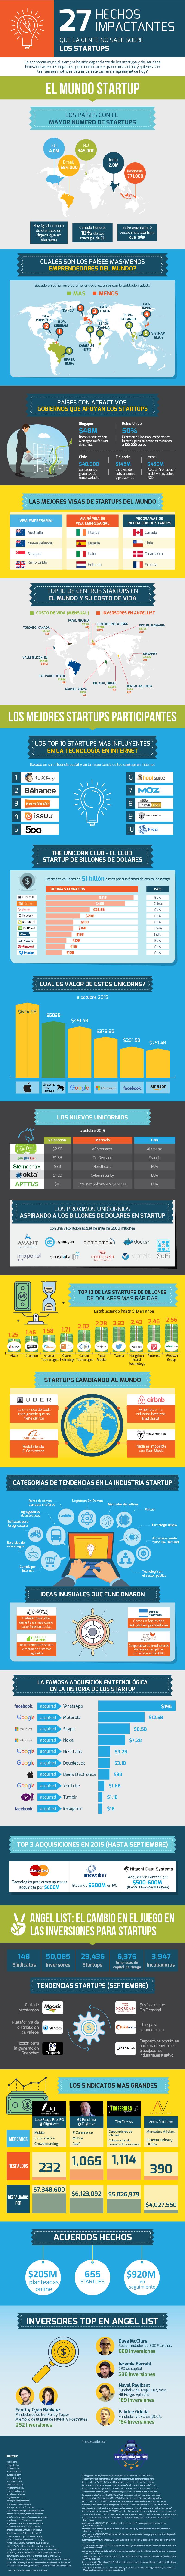 27 hechos impactantes que la gente no sabe sobre las startups #infografia #entreprenuership